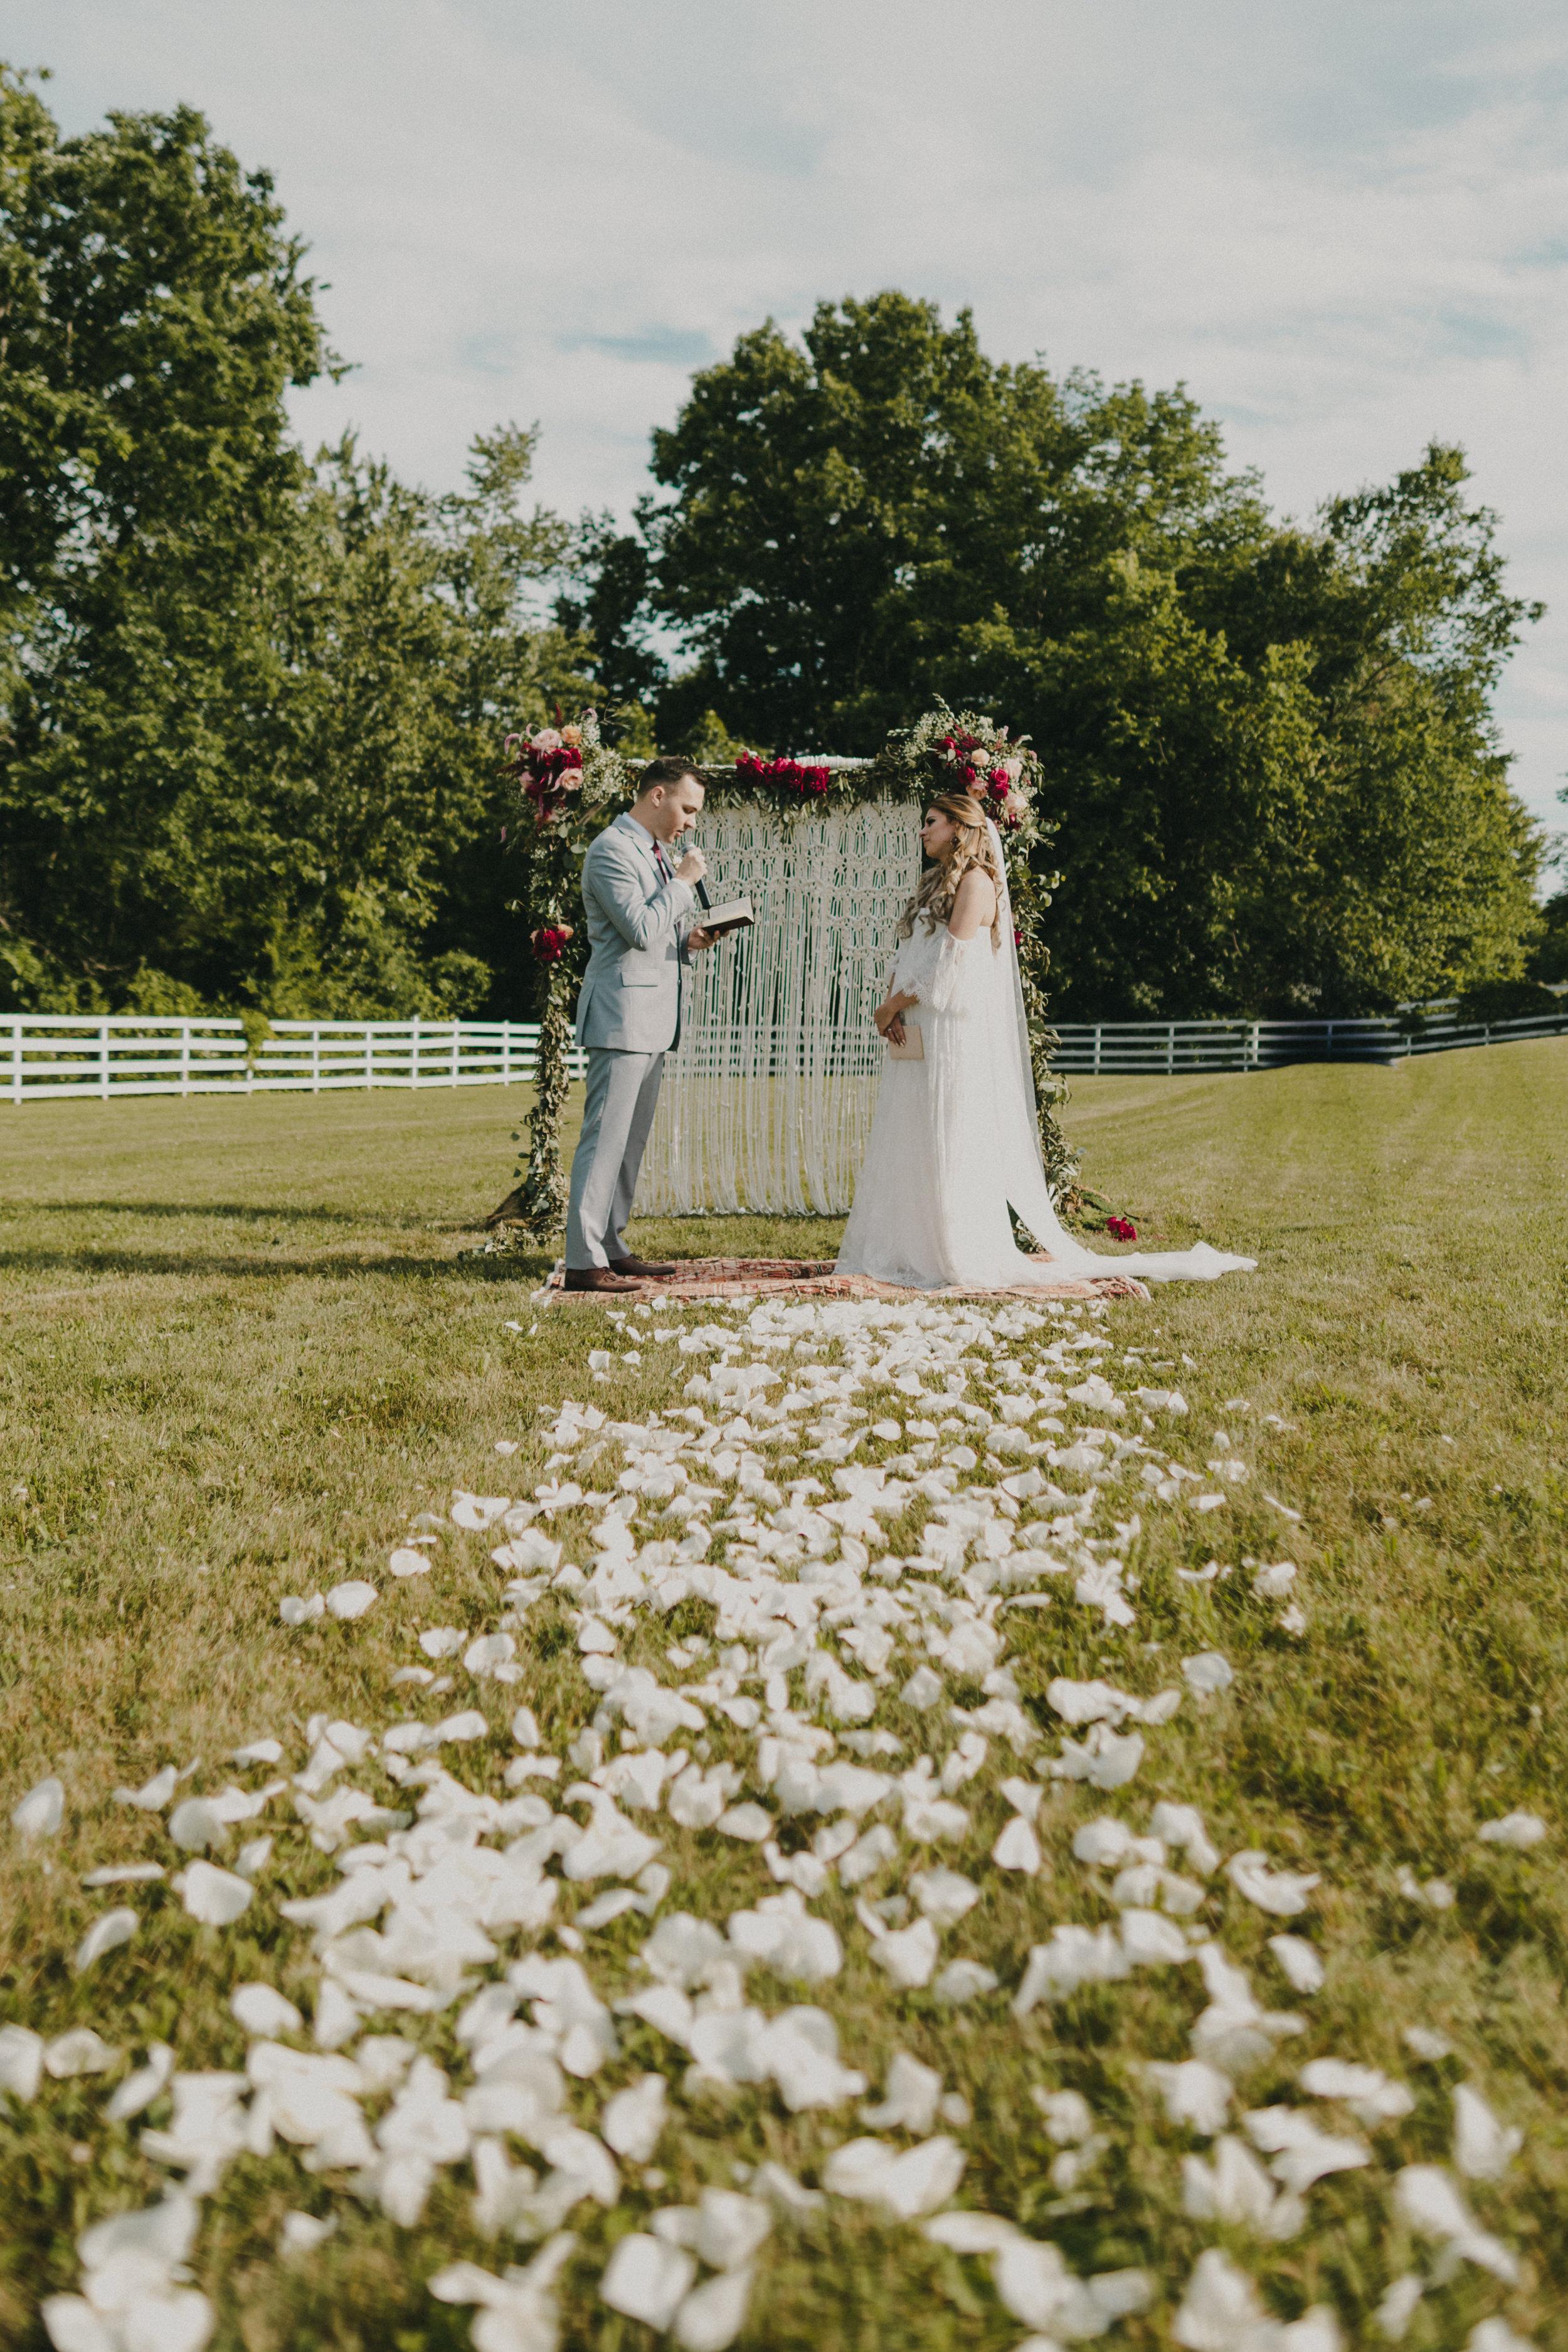 1010-20180616-Amanda_Brett_Catskills_Summer_Boho_Wedding.jpg